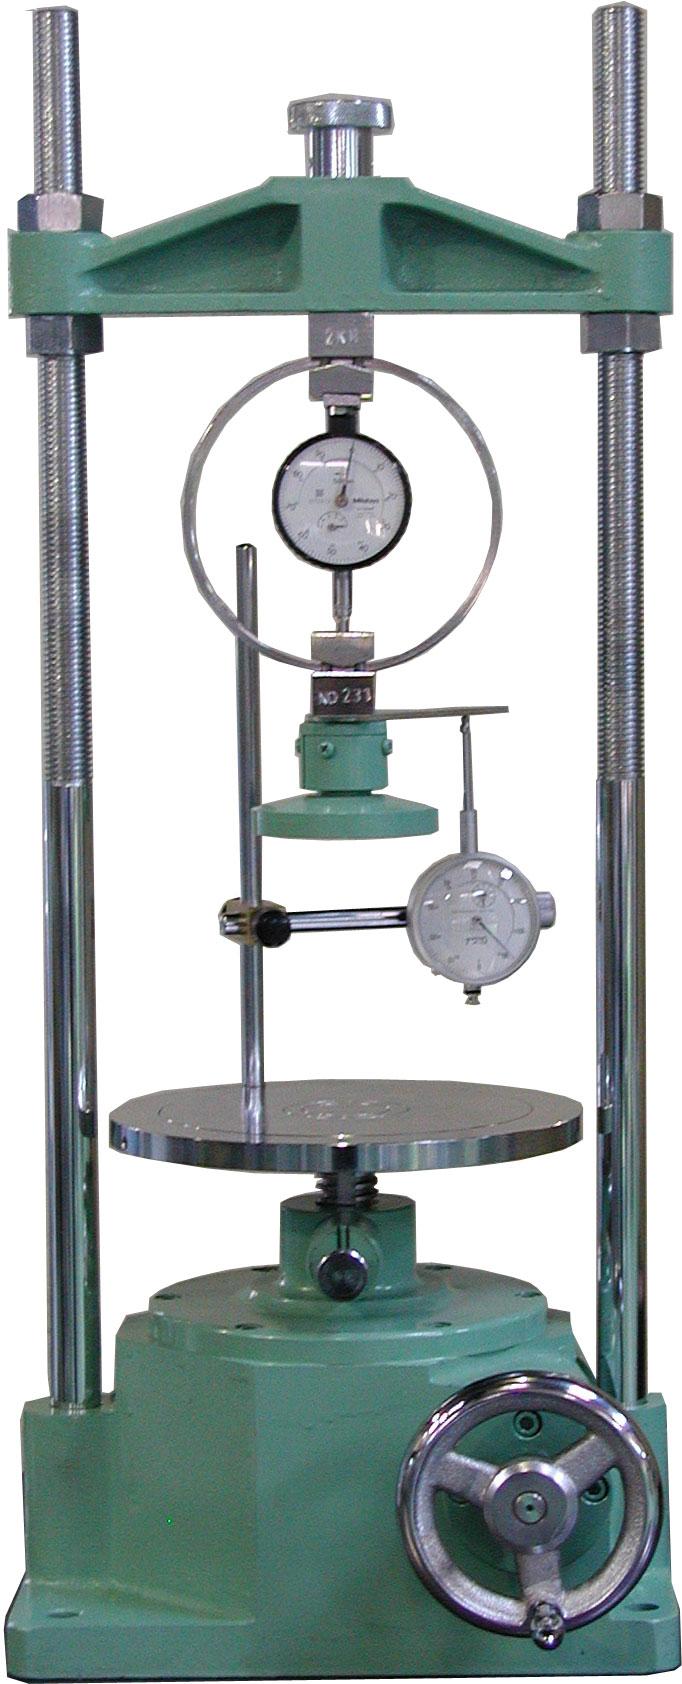 手動式一軸圧縮試験機 A:3kN B:1kN C:500N